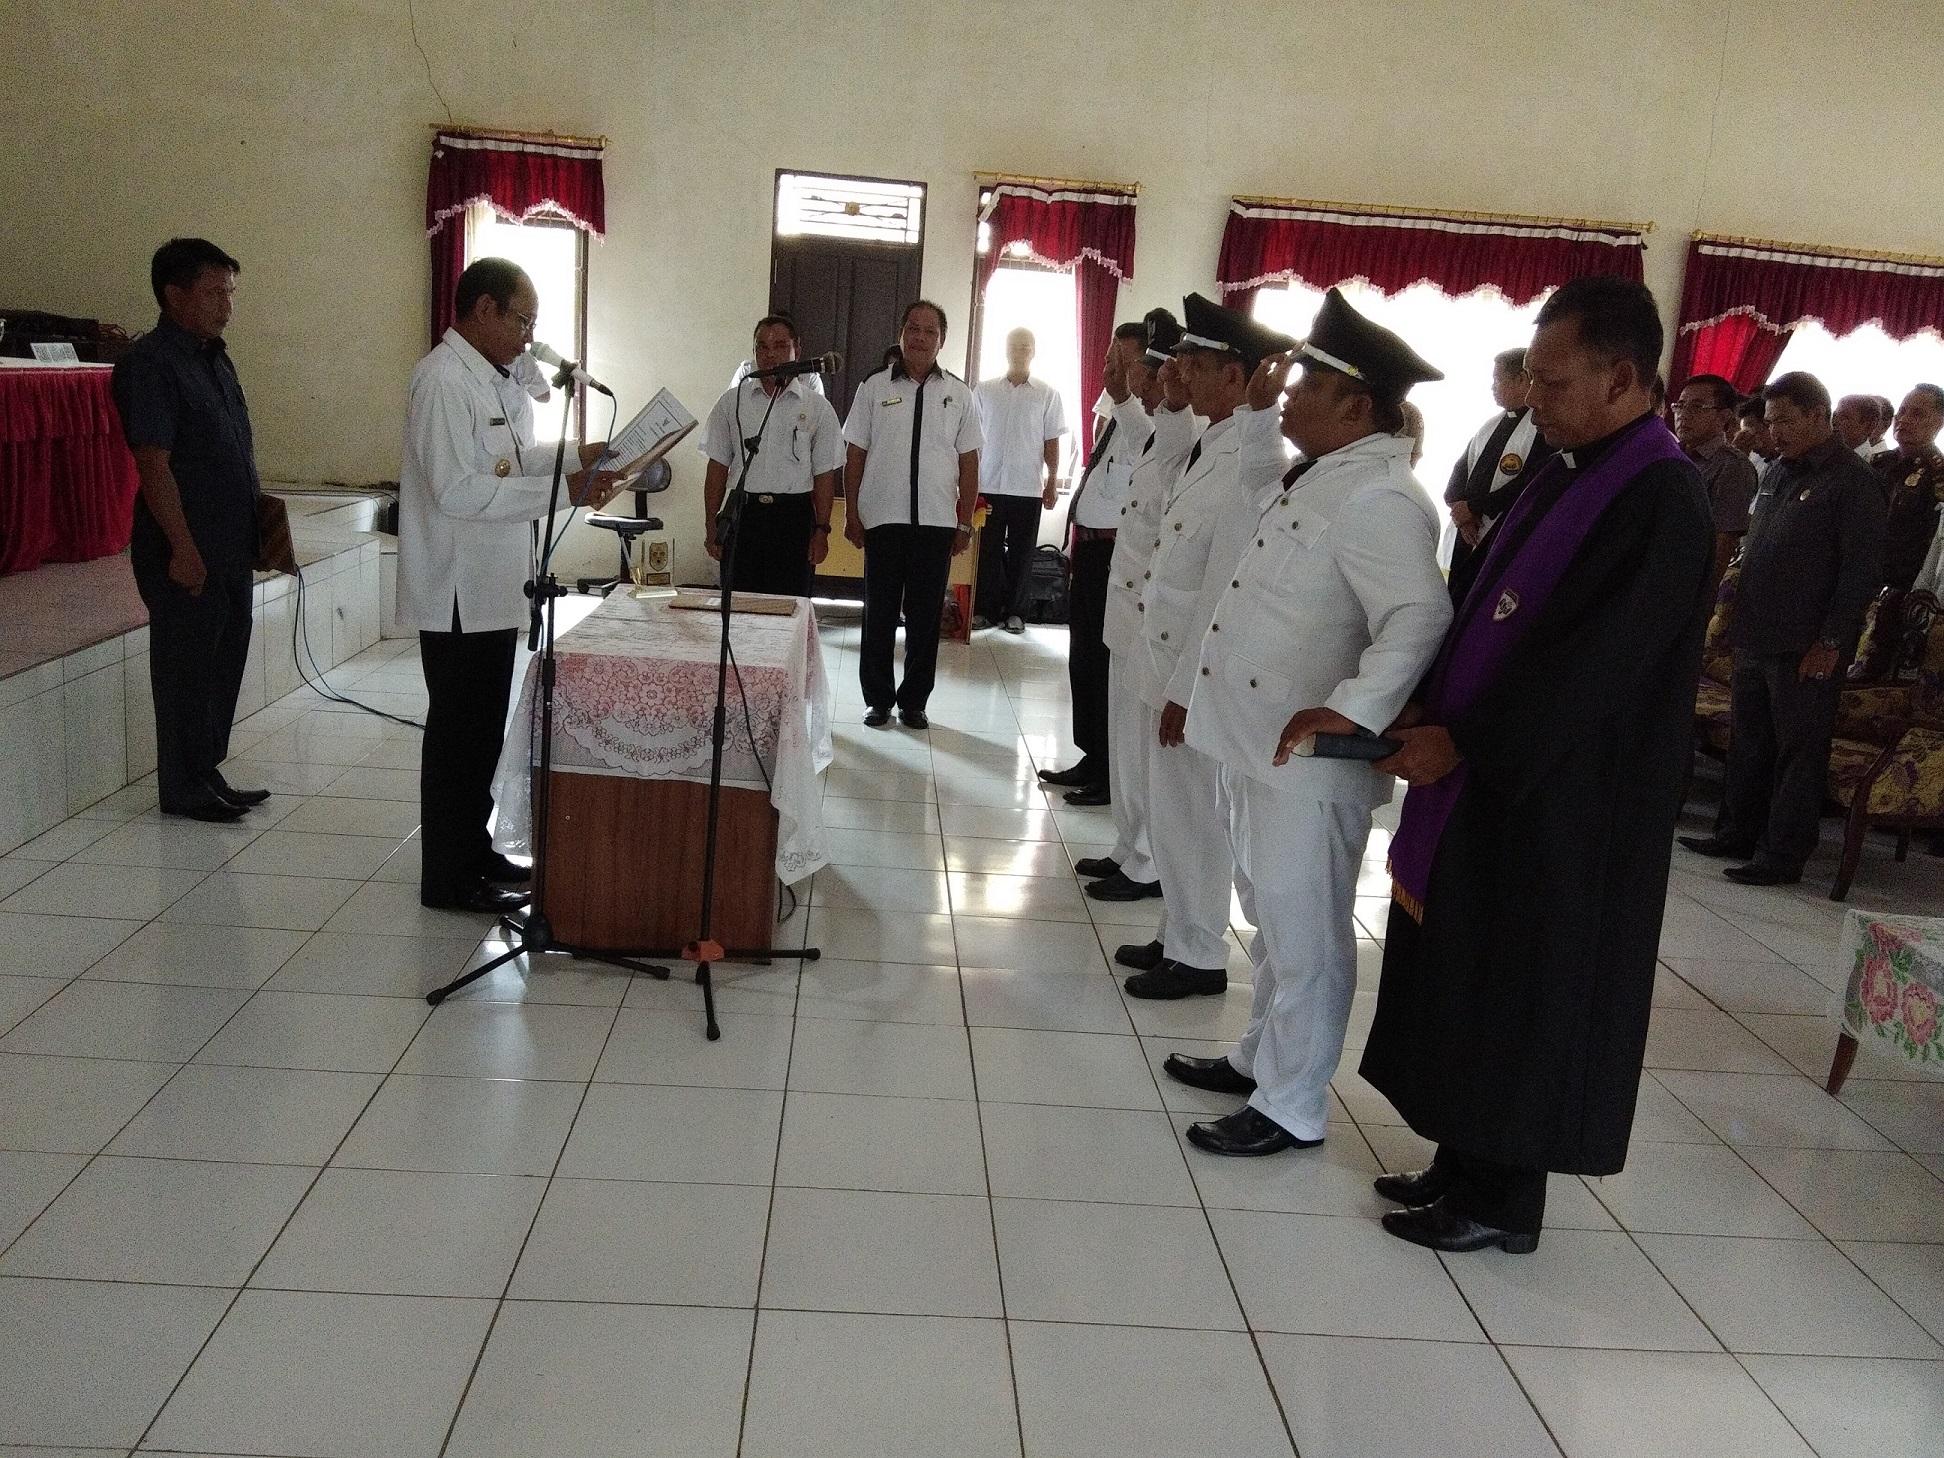 Bupati Gunung Mas Melantik Kepala Desa dan Damang Wilayah Kecamatan Rungan Hulu